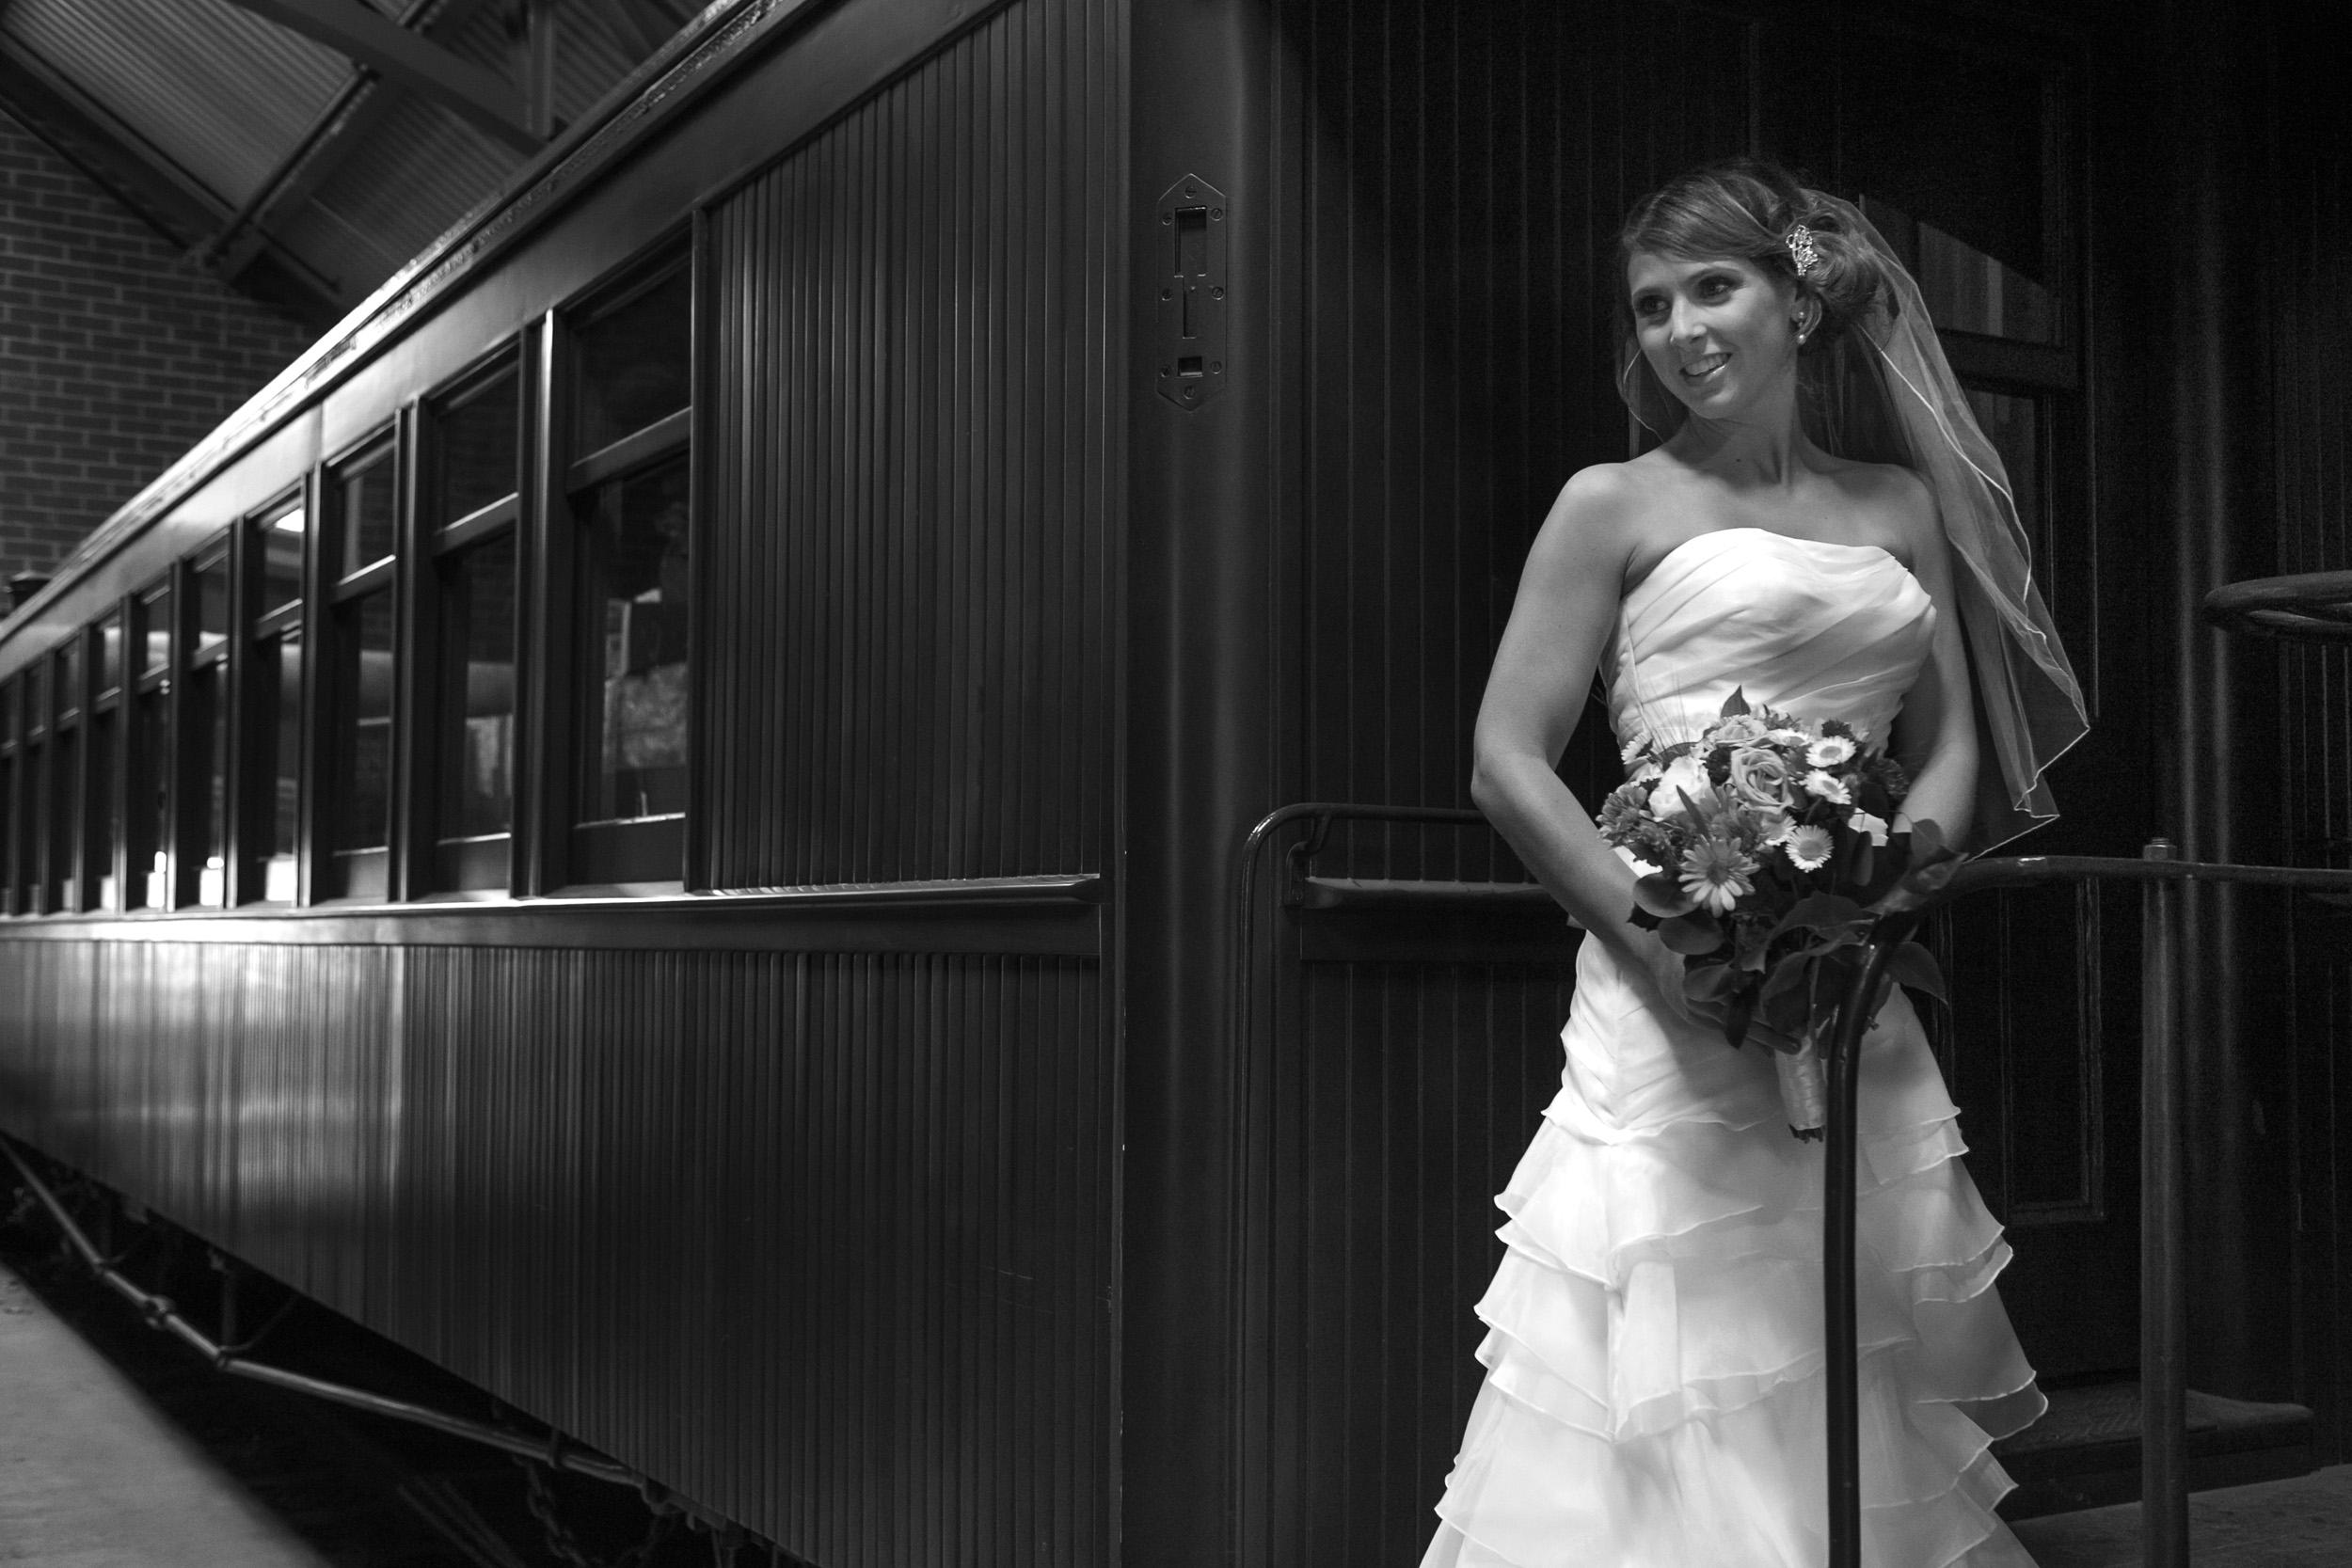 Georgetown-Loop-Railroad-Wedding-005.jpg